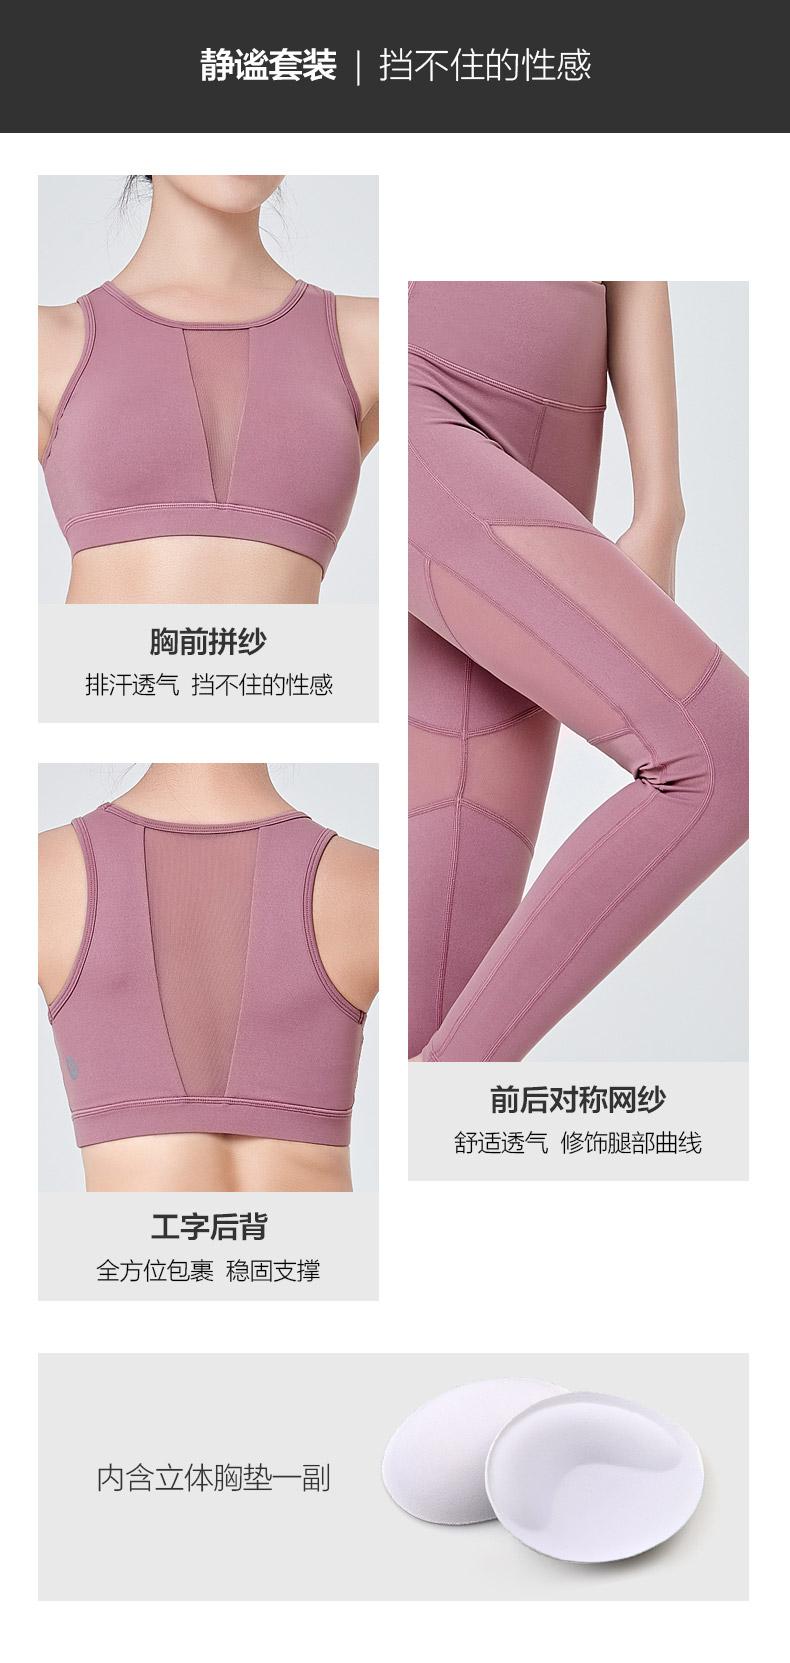 哈他瑜伽品牌自营店哈他静谧专业瑜伽服女2019初学者时尚性感速干衣网红健身运动套装